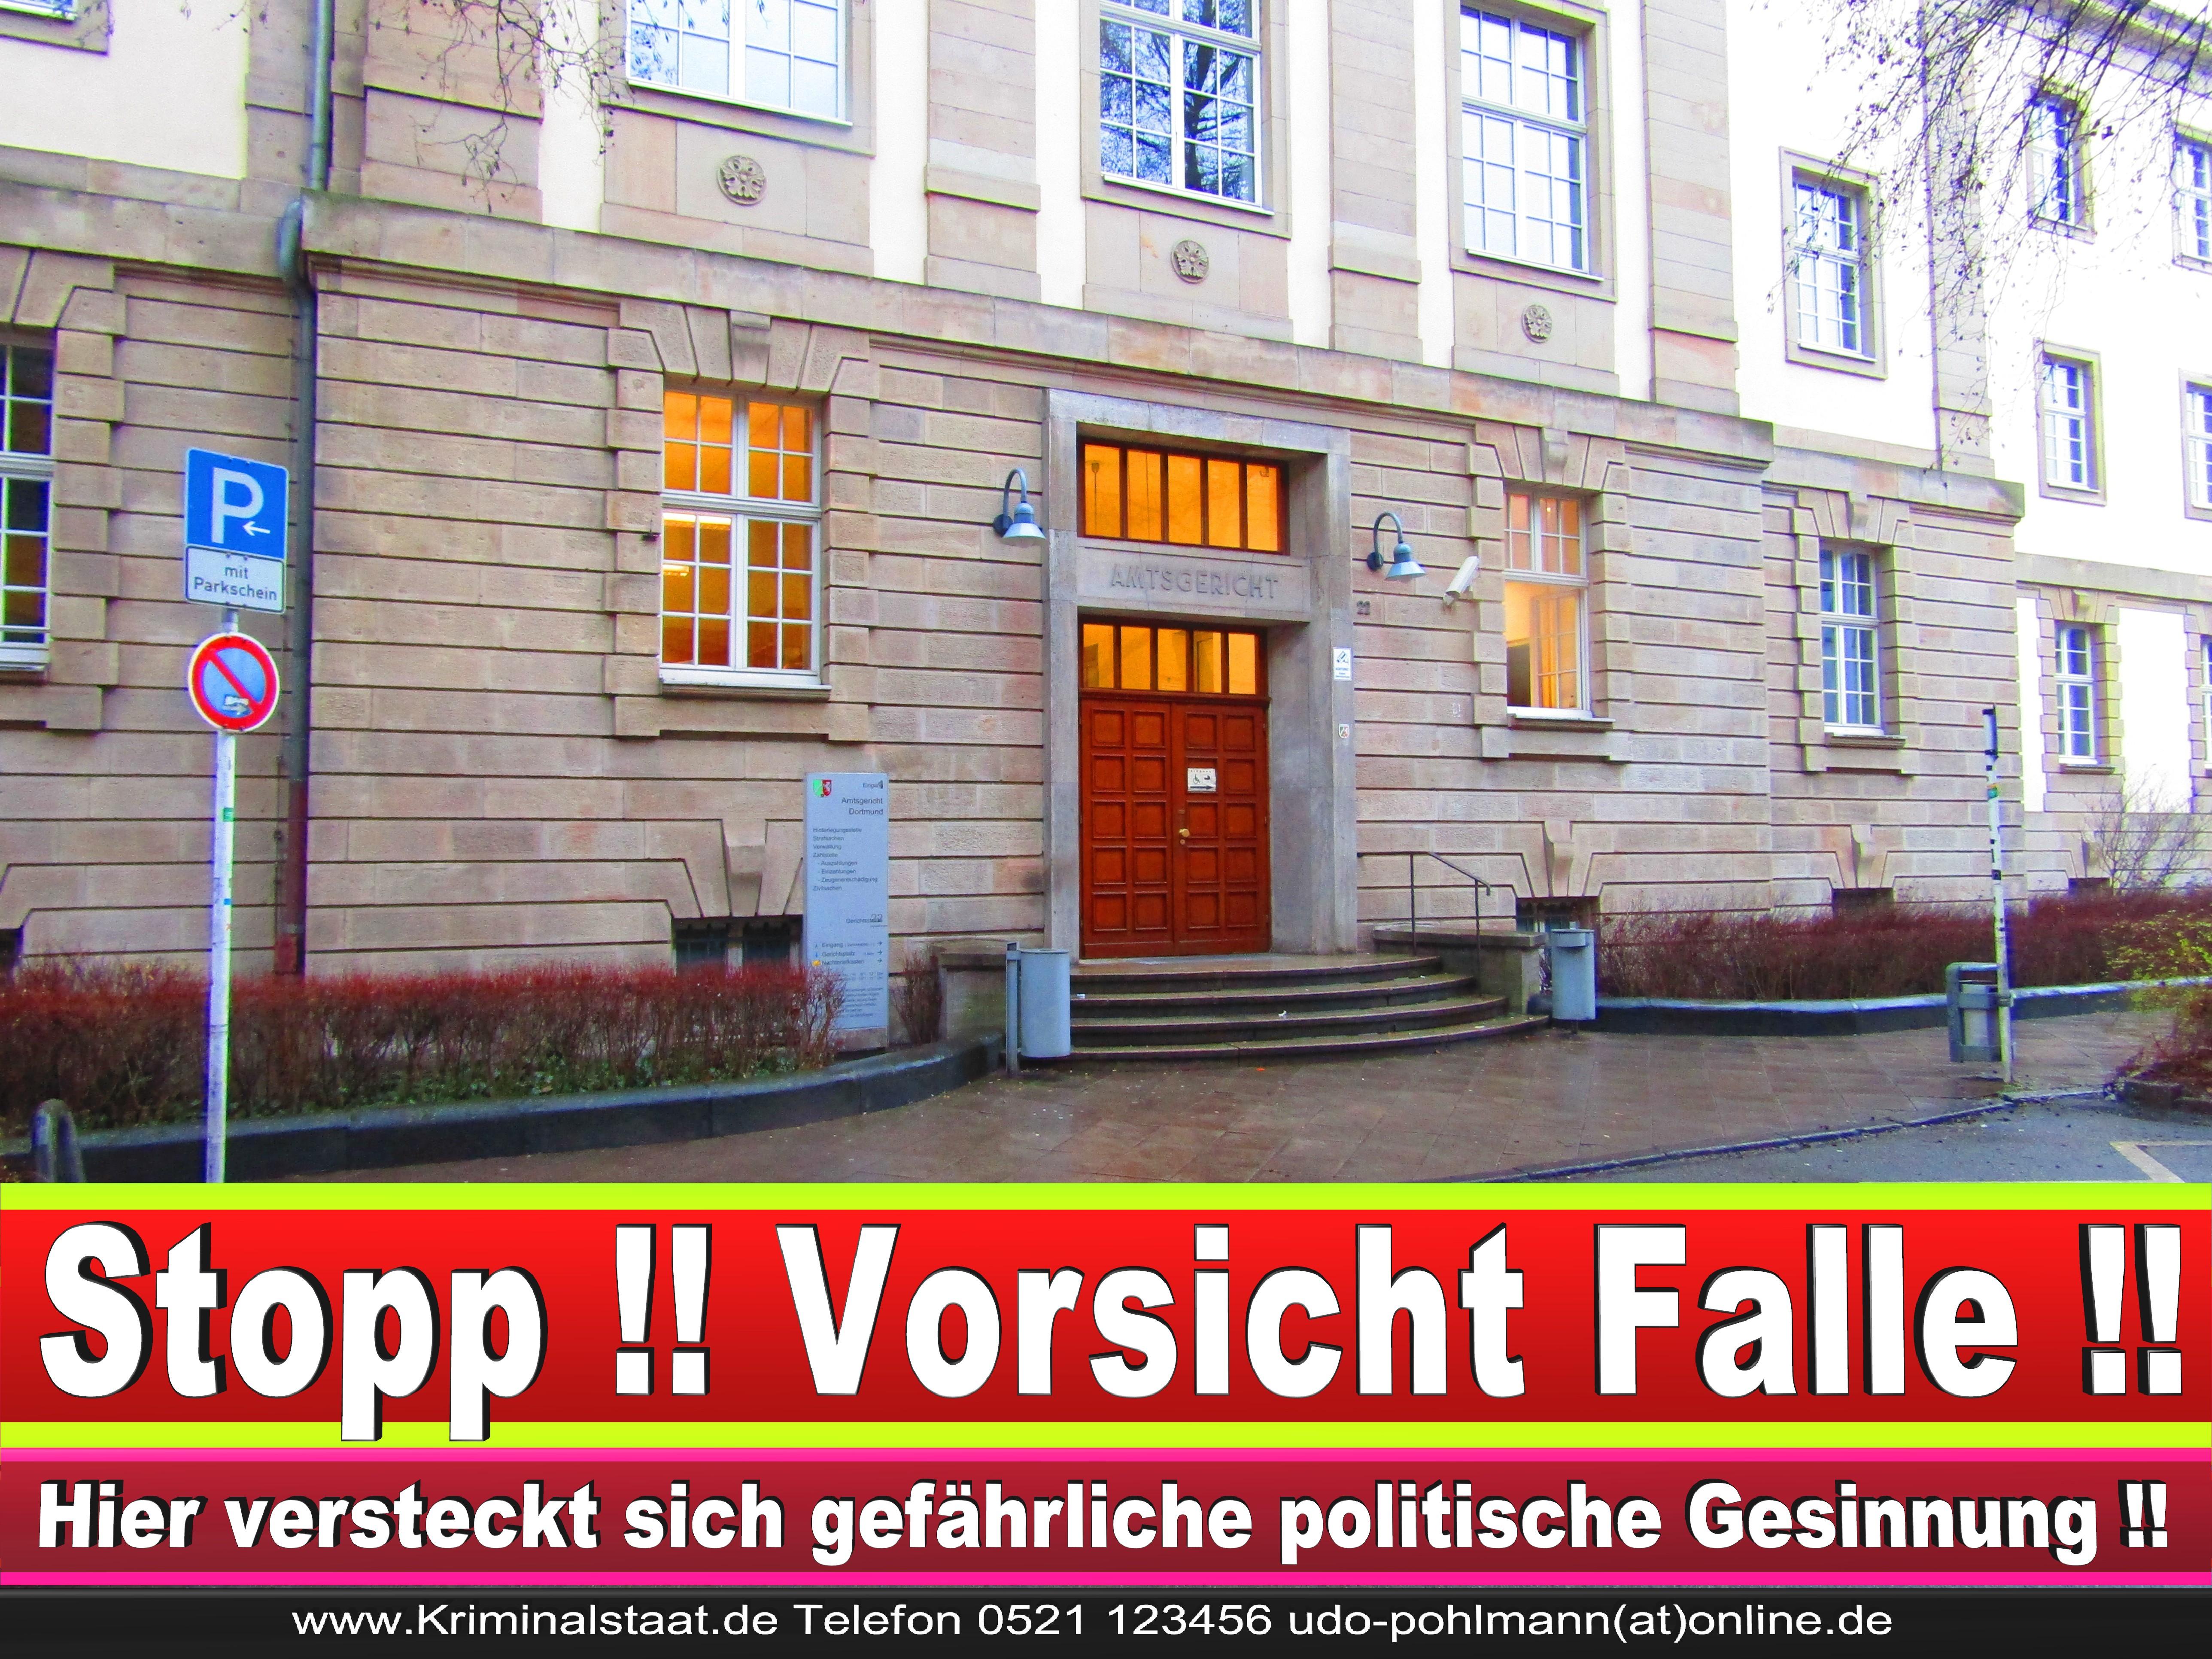 AMTSGERICHT DORTMUND RICHTER AUSBILDUNG PRAKTIKUM ANFAHRT URTEILE KORRUPTION POLIZEI ADRESSE DIREKTOR (12) 2